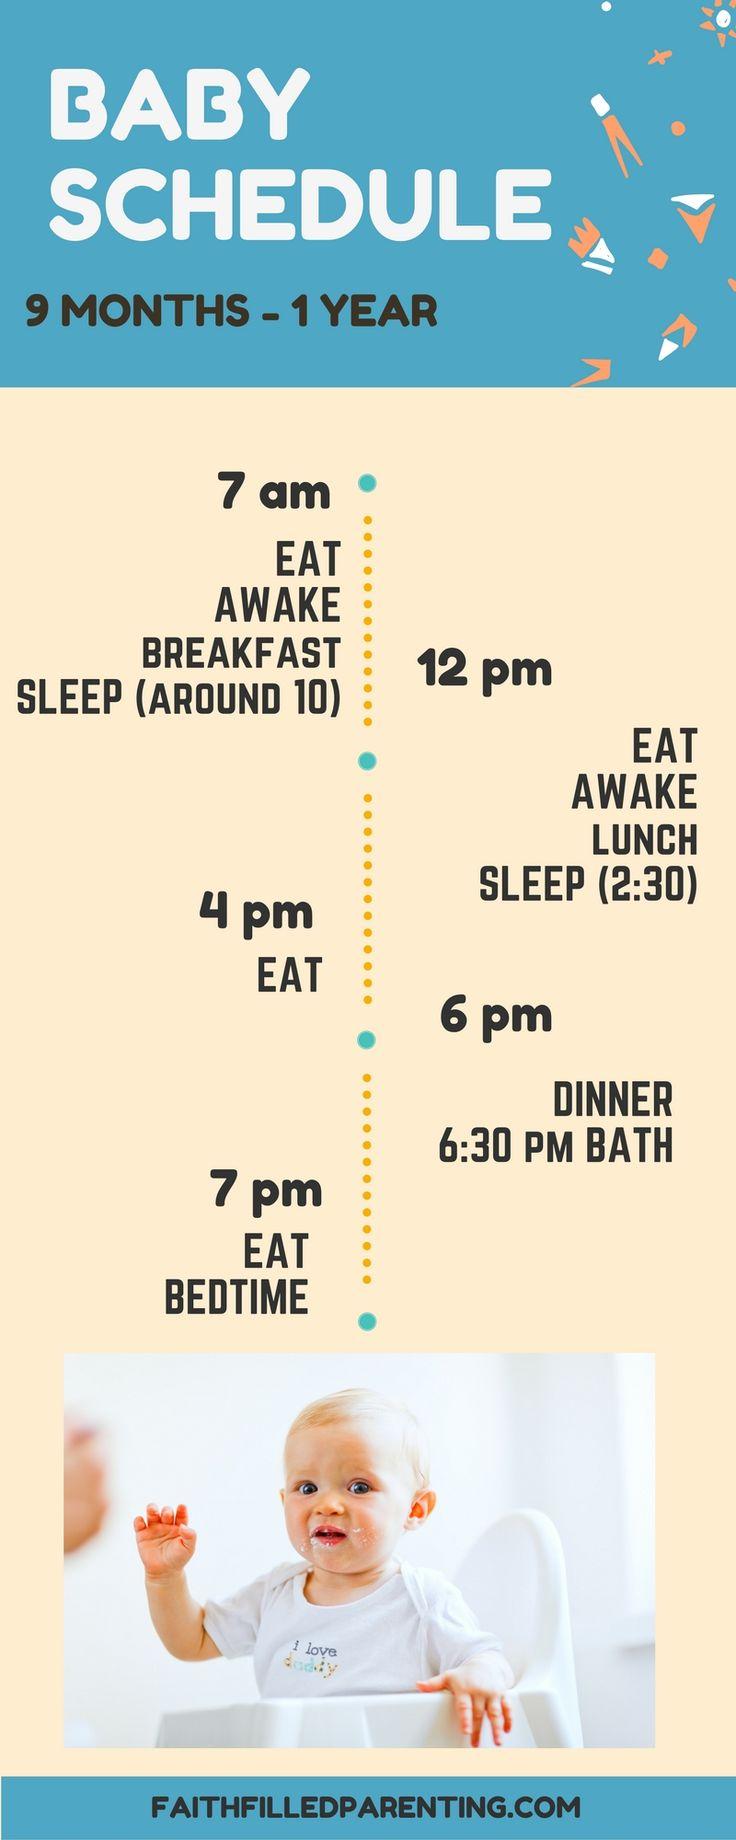 Baby+sleep+schedule+9+months+-+1+year